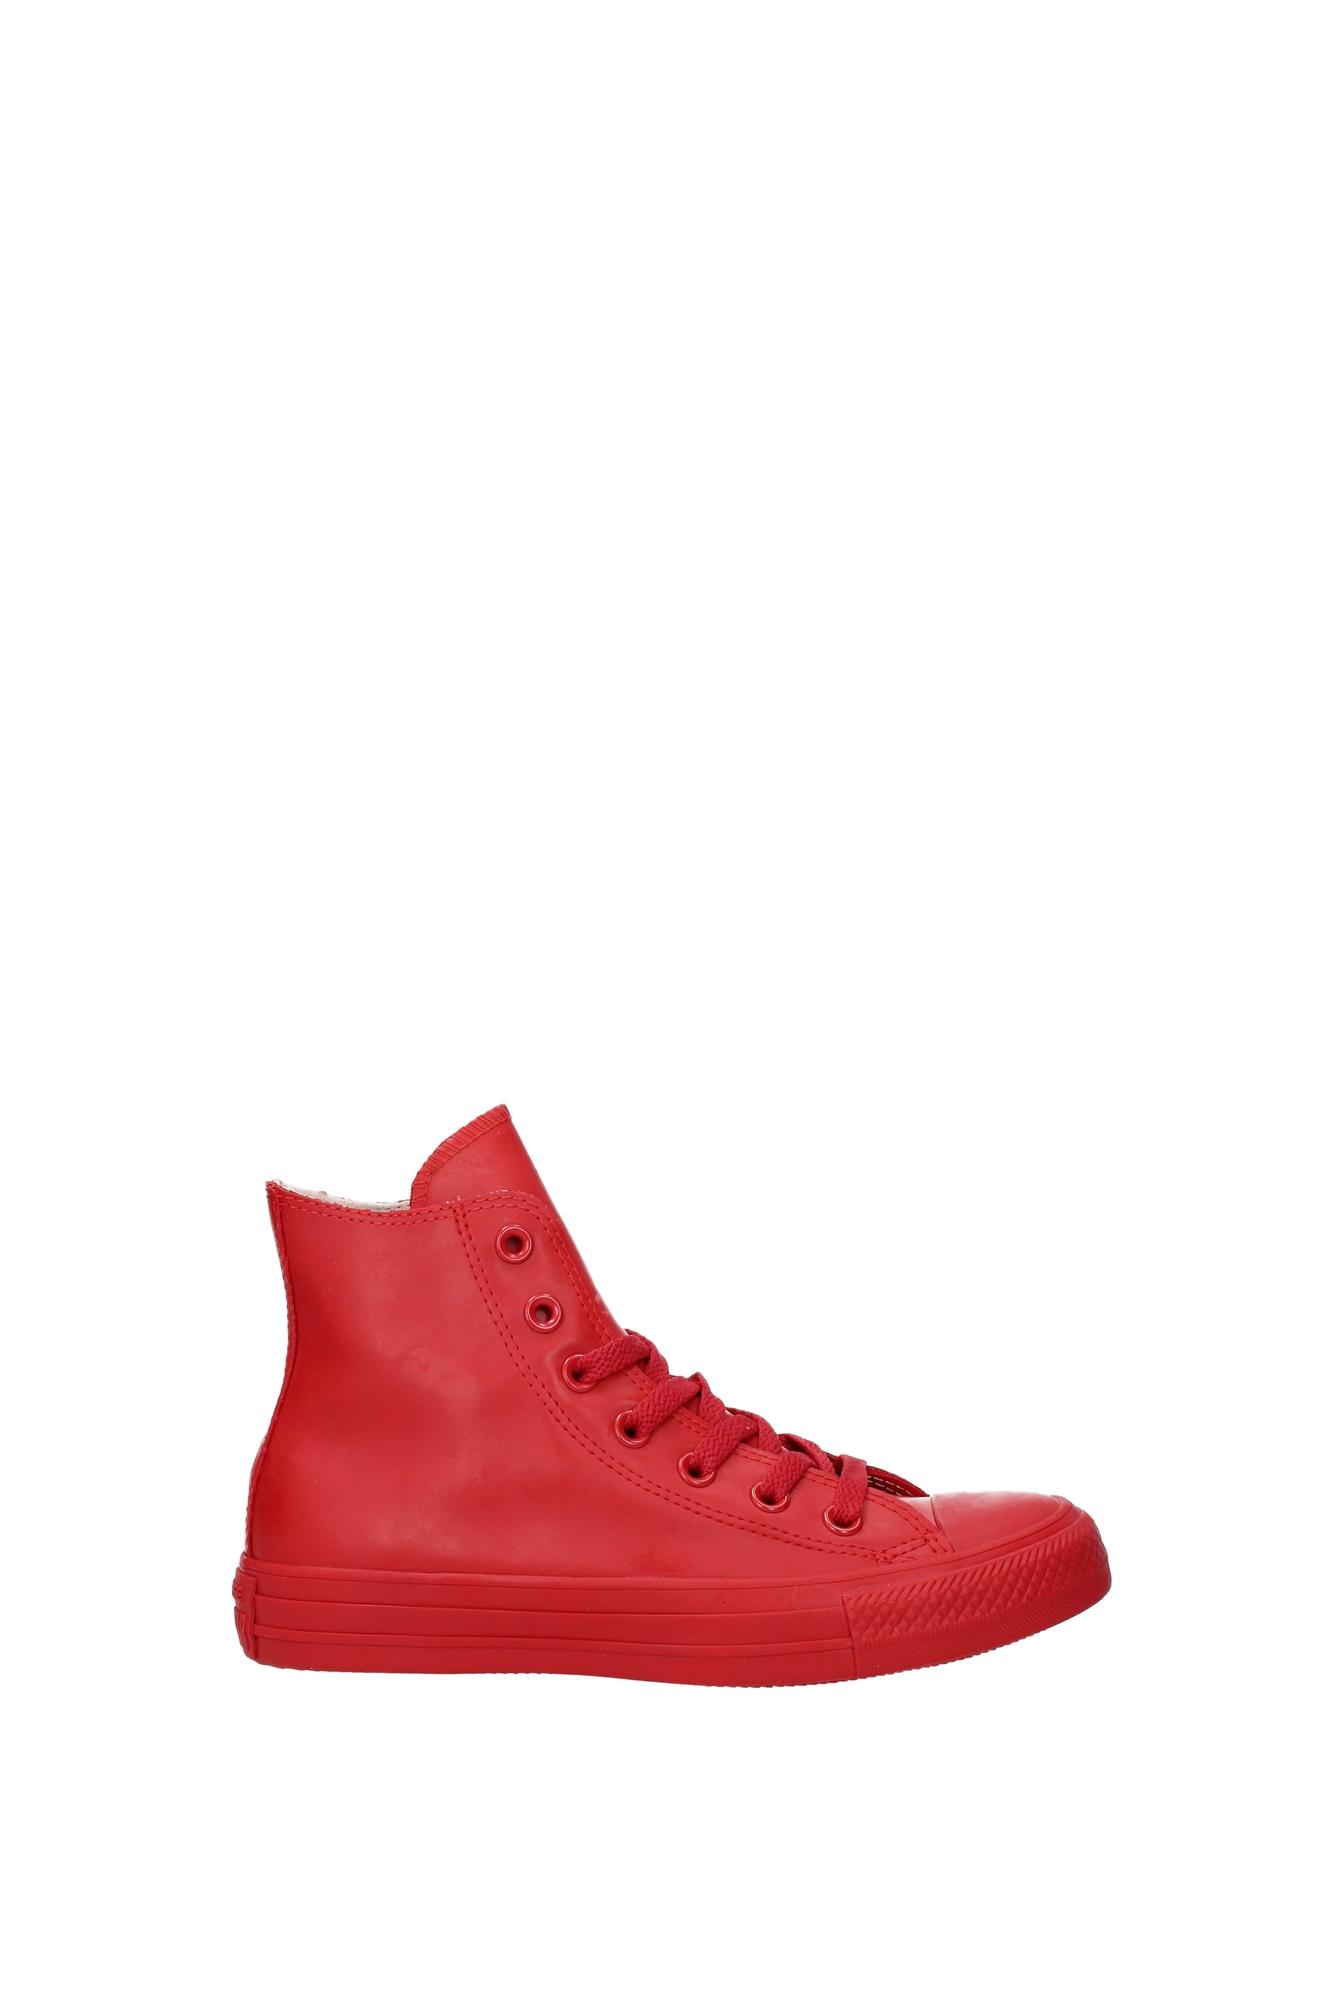 Sneakers Converse Damens - - Damens  (144744C) 450eeb